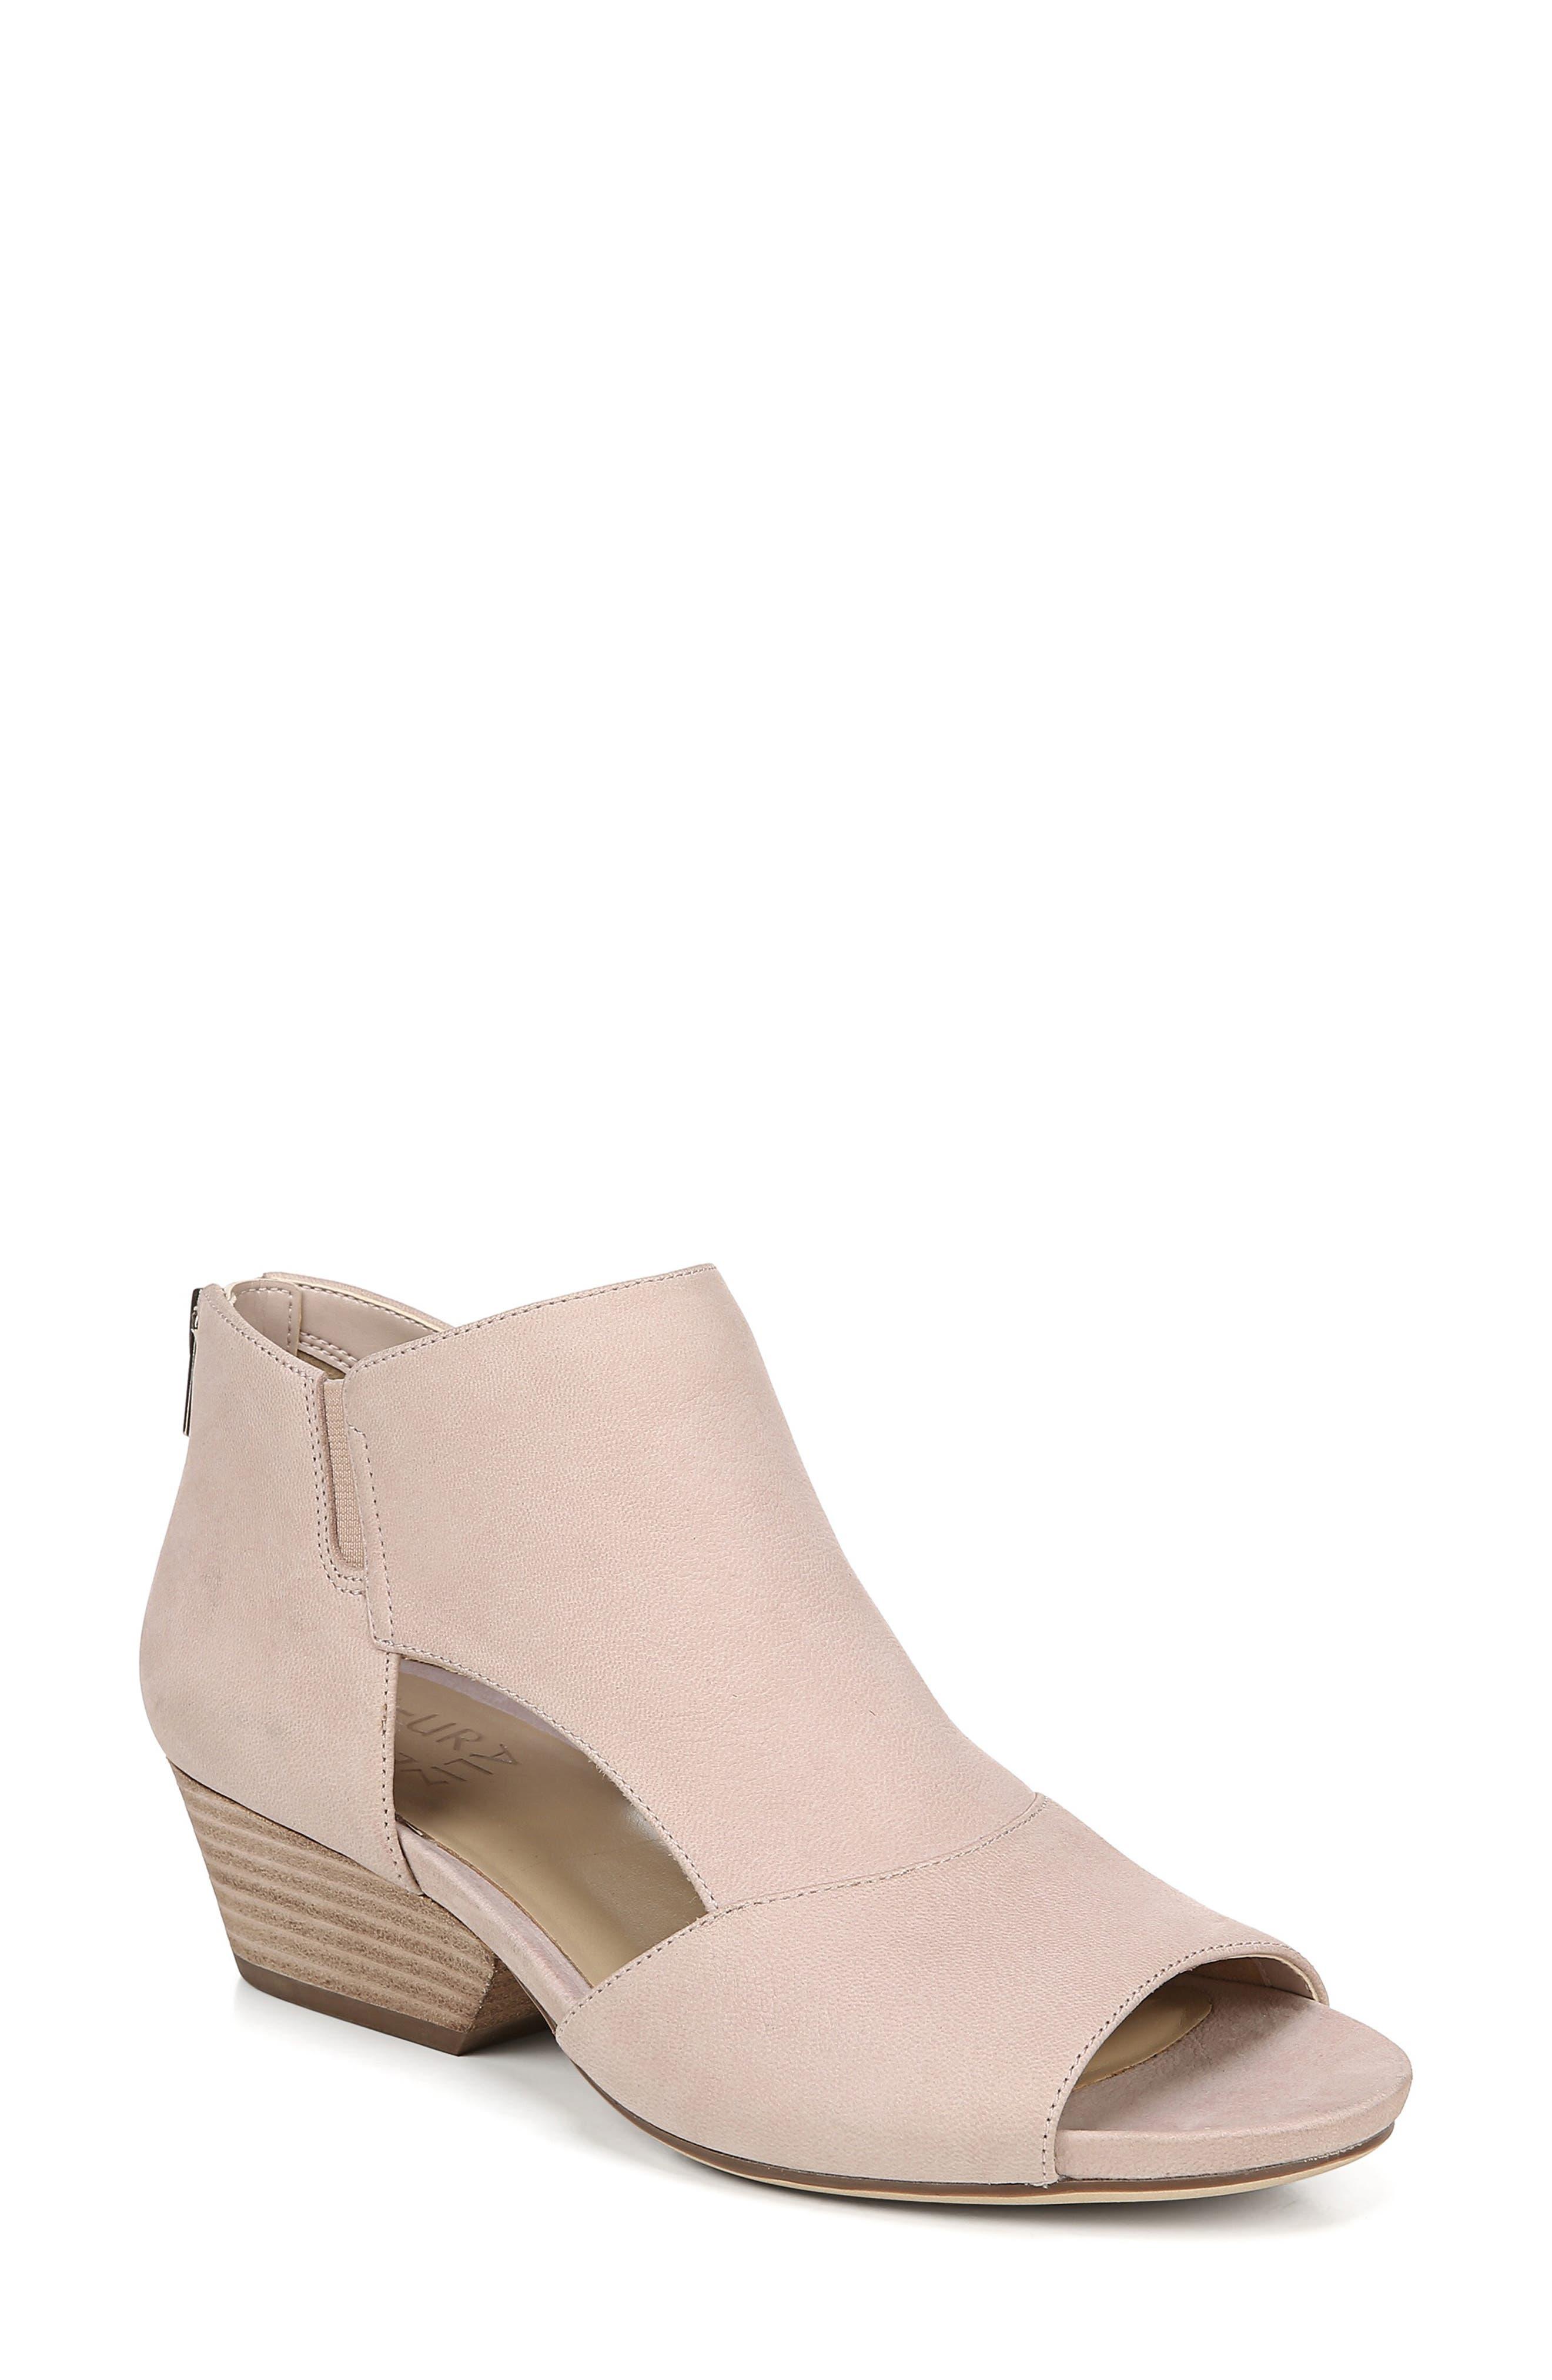 Greyson Cutout Sandal, Main, color, VINTAGE MAUVE NUBUCK LEATHER